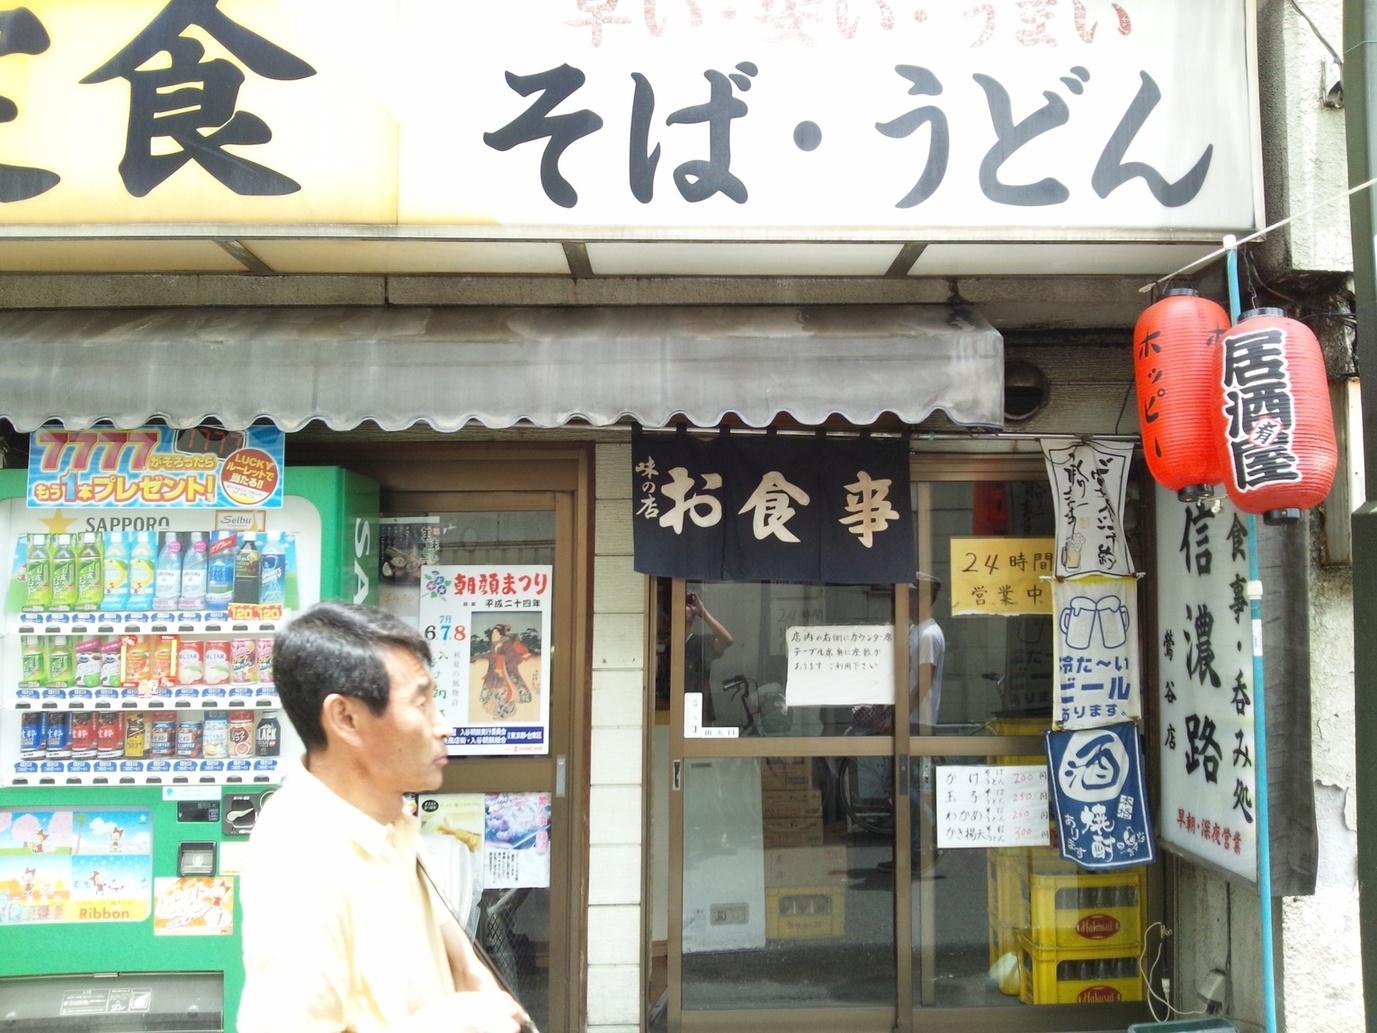 信濃路 鶯谷店